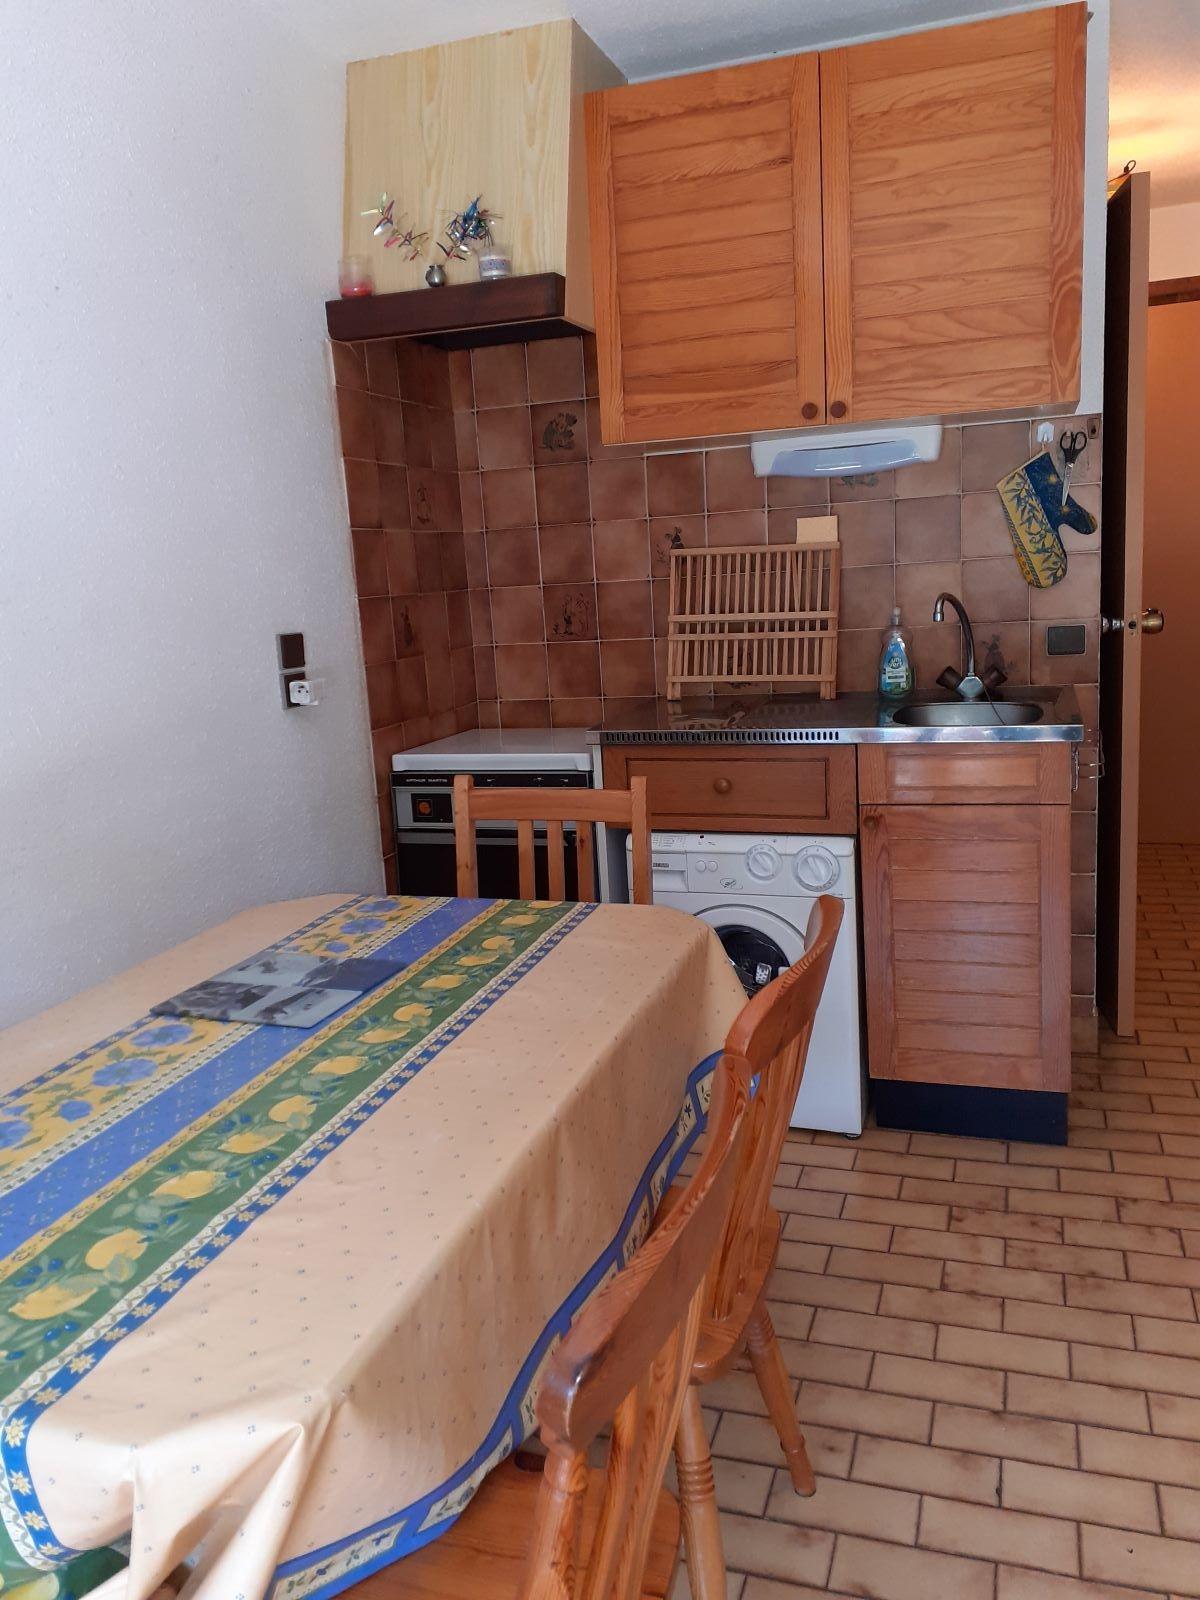 cuisine 2 - STUDIO DE 25 m² AVEC MEZZANINE DE 9 m² (6 COUCHAGES) AU CHATEAU D'ANCELLE